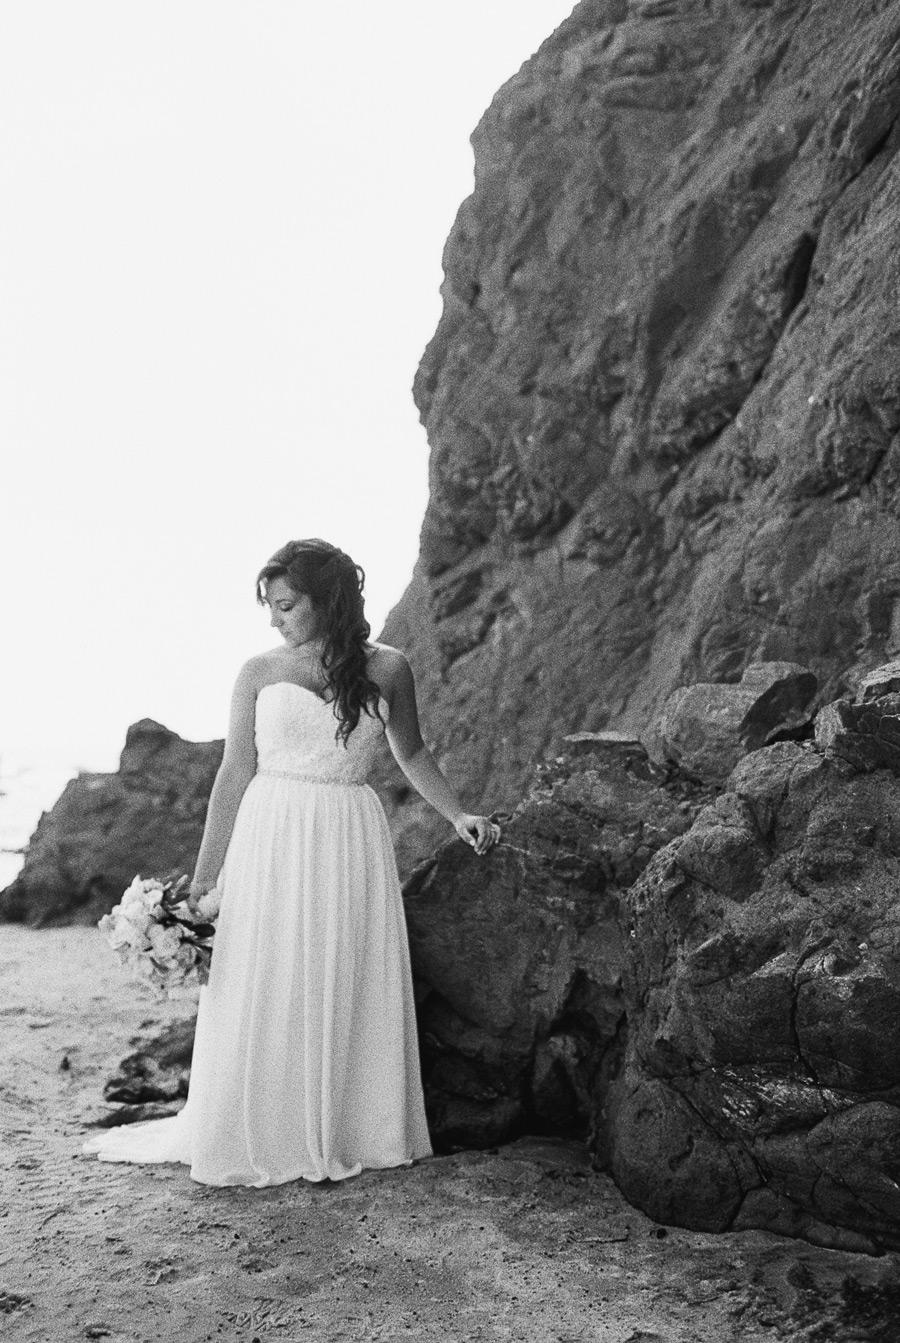 B&W Film Scans | Weddings & Family Portraits | Oregon Coast